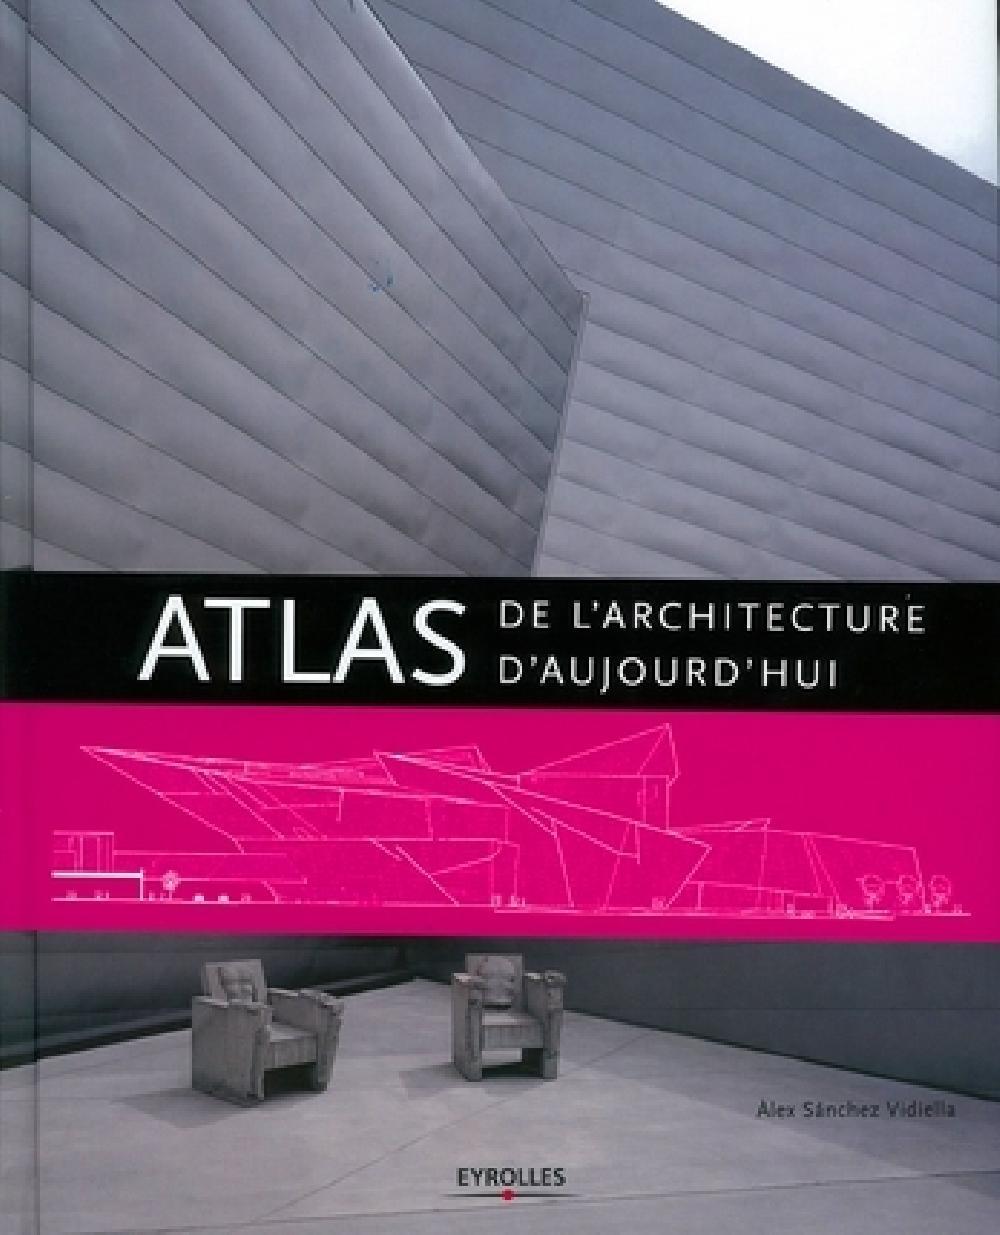 Atlas de l'architecture d'aujourd'hui